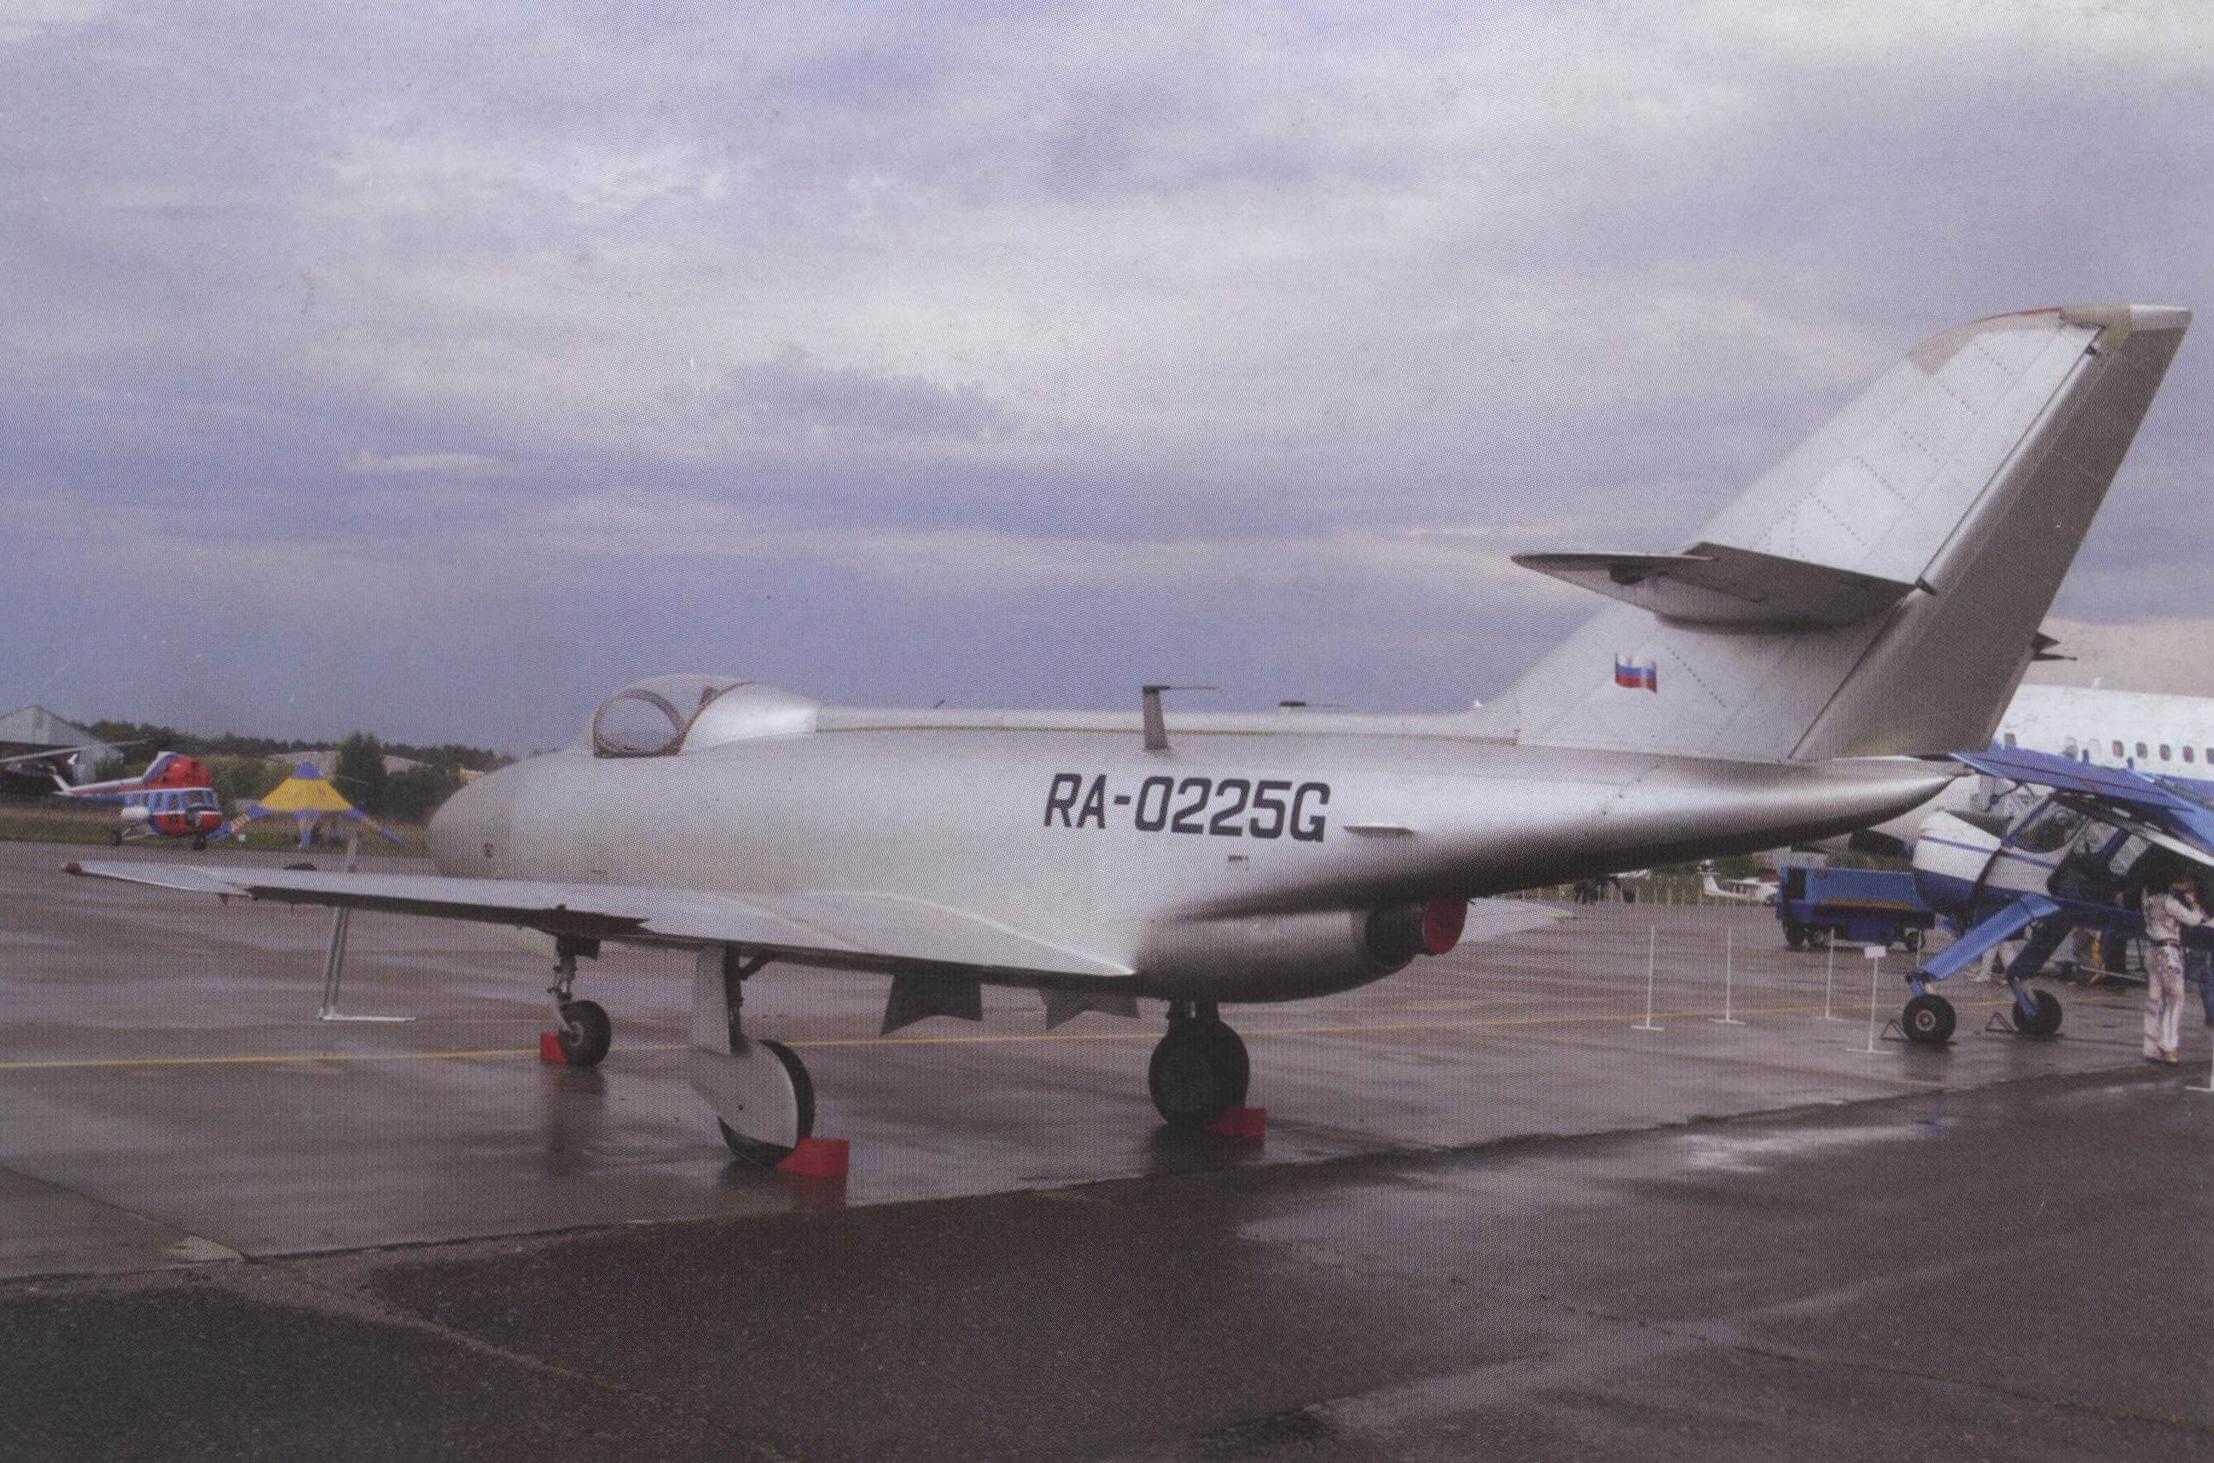 Восстановленный до летного состояния самолет Як-32 на аэродроме ЛИИ им. М. Громова